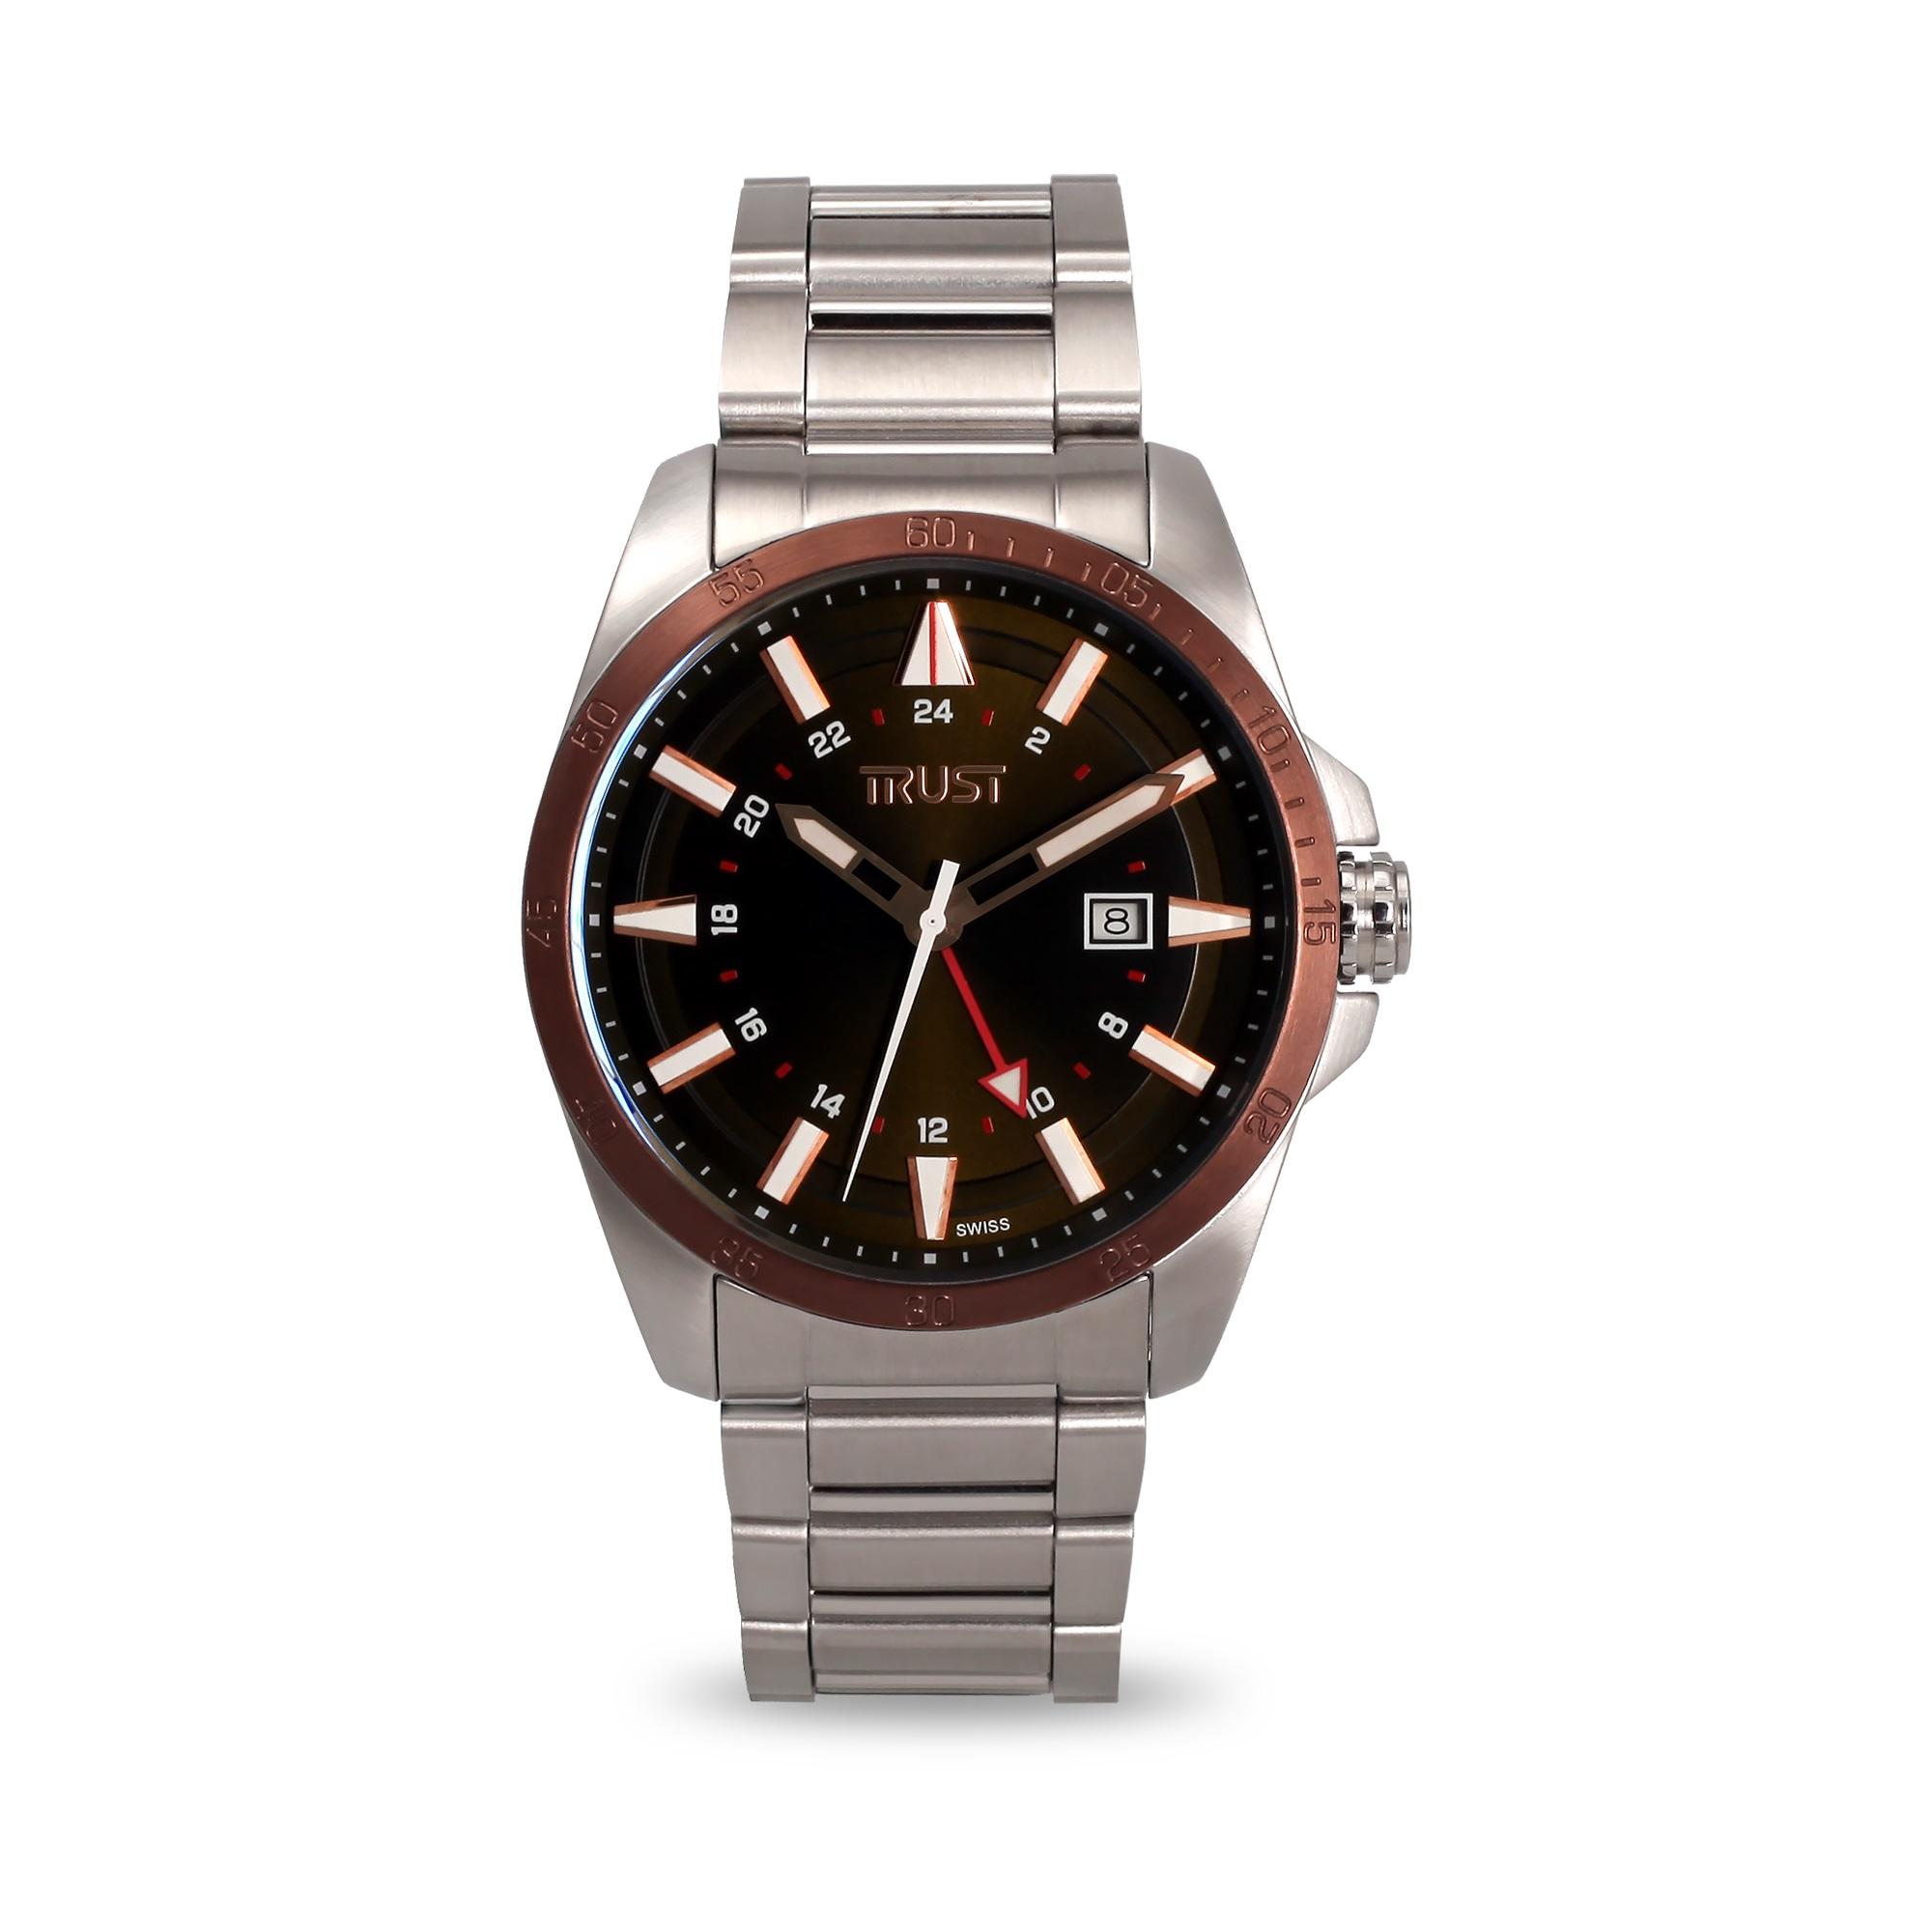 ساعت مچی عقربه ای مردانه تراست مدل G456LRL 13